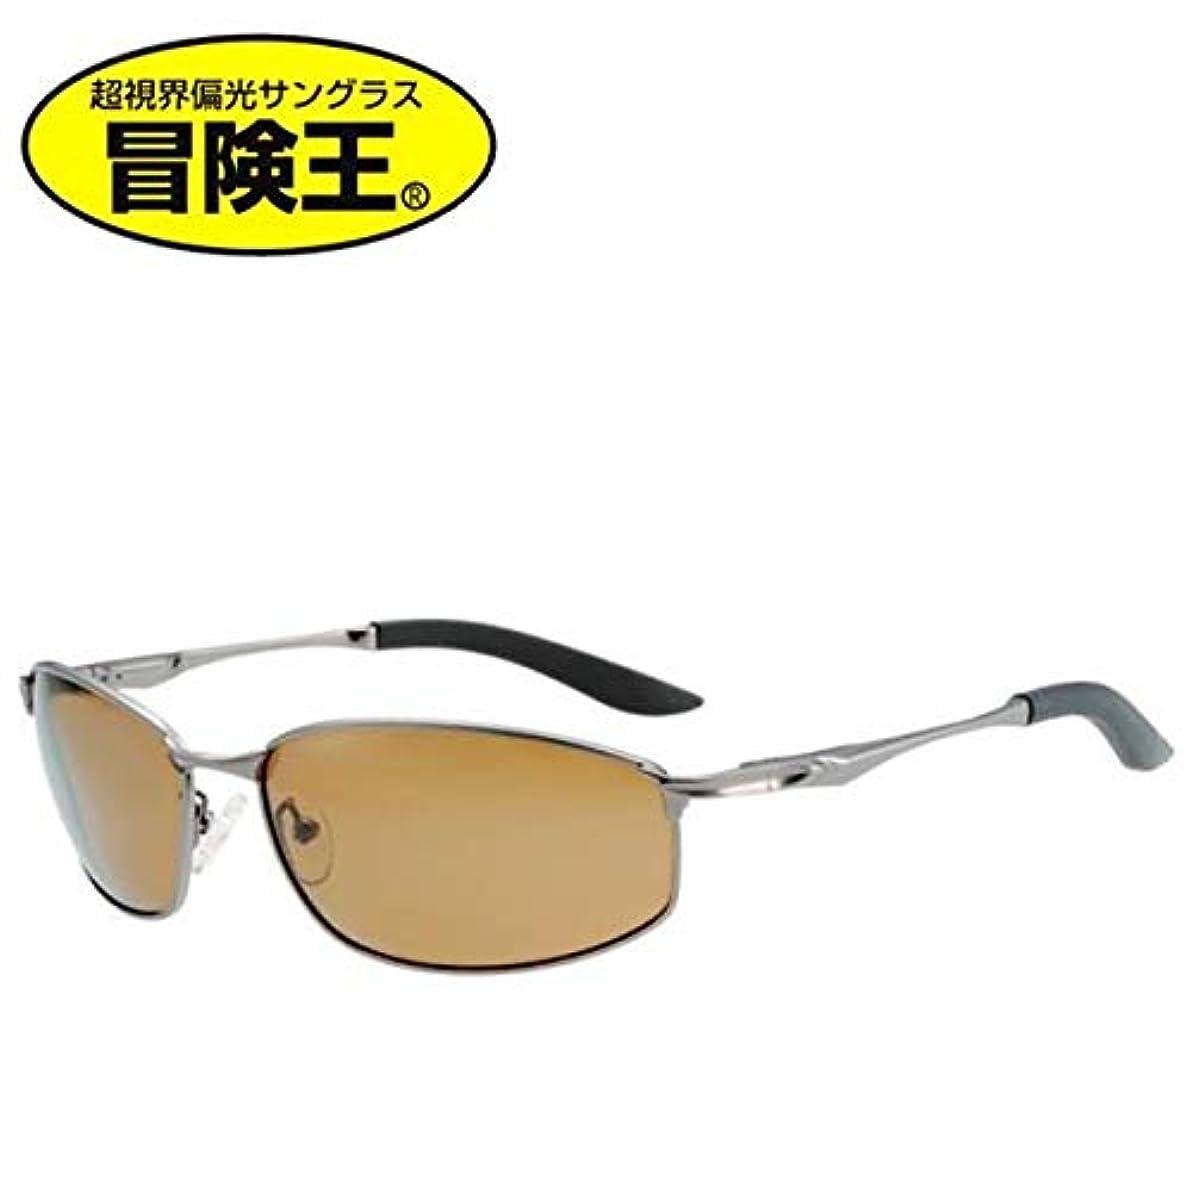 コンデンサープラカード対応する冒険王(Boken-Oh) サングラス ポラポラメタル PM-45B ガンメタ